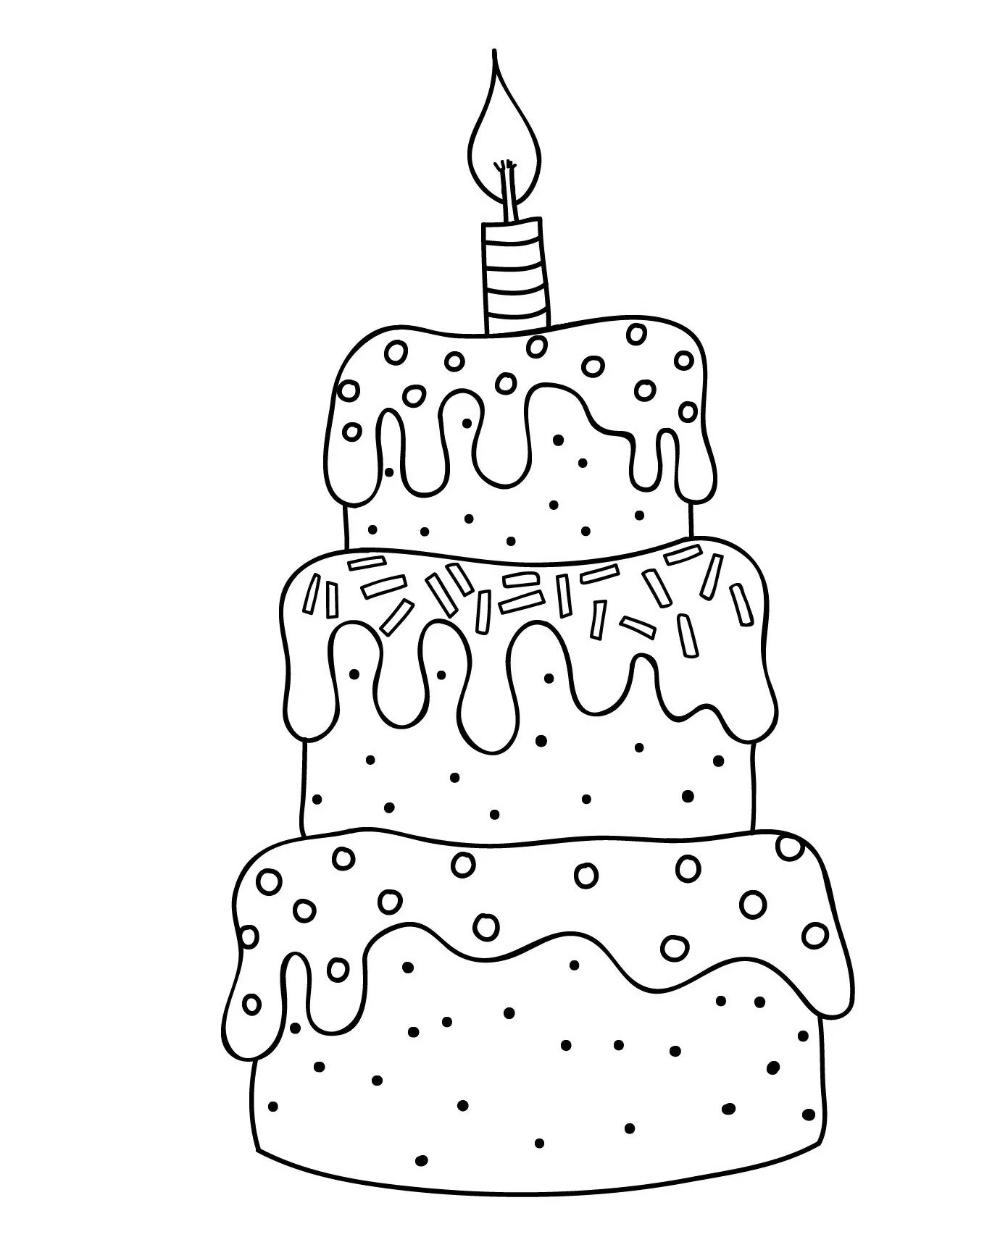 12 Desenhos De Bolo De Aniversario Para Colorir E Imprimir Online Cursos Gratuitos Em 2020 Desenho De Bolo Cupcake Desenho Pintura Para Criancas